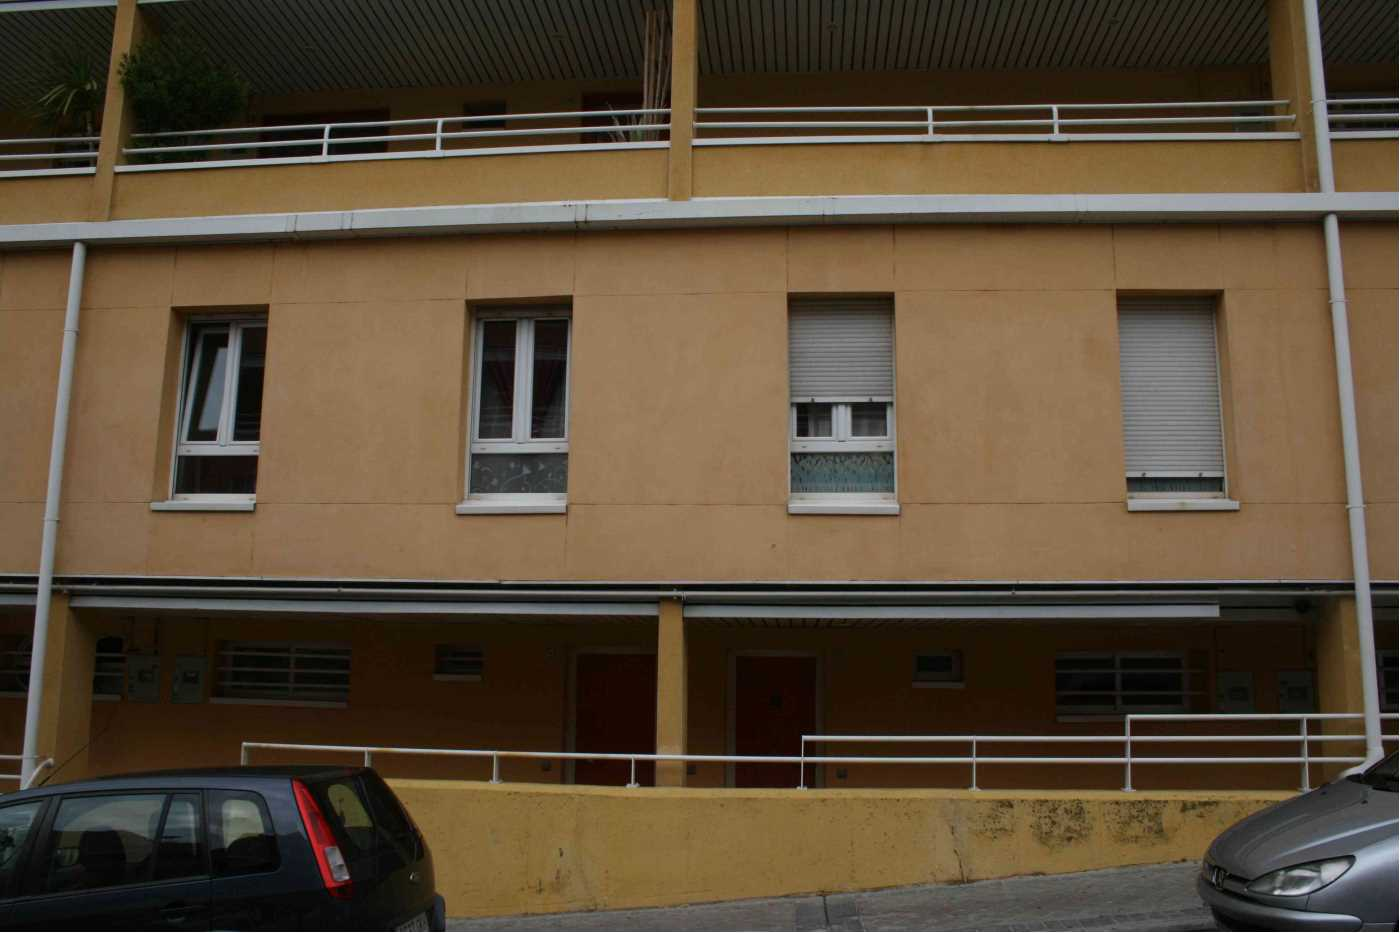 Piso en venta en rivas vaciamadrid solvia inmobiliaria - Red piso rivas vaciamadrid ...